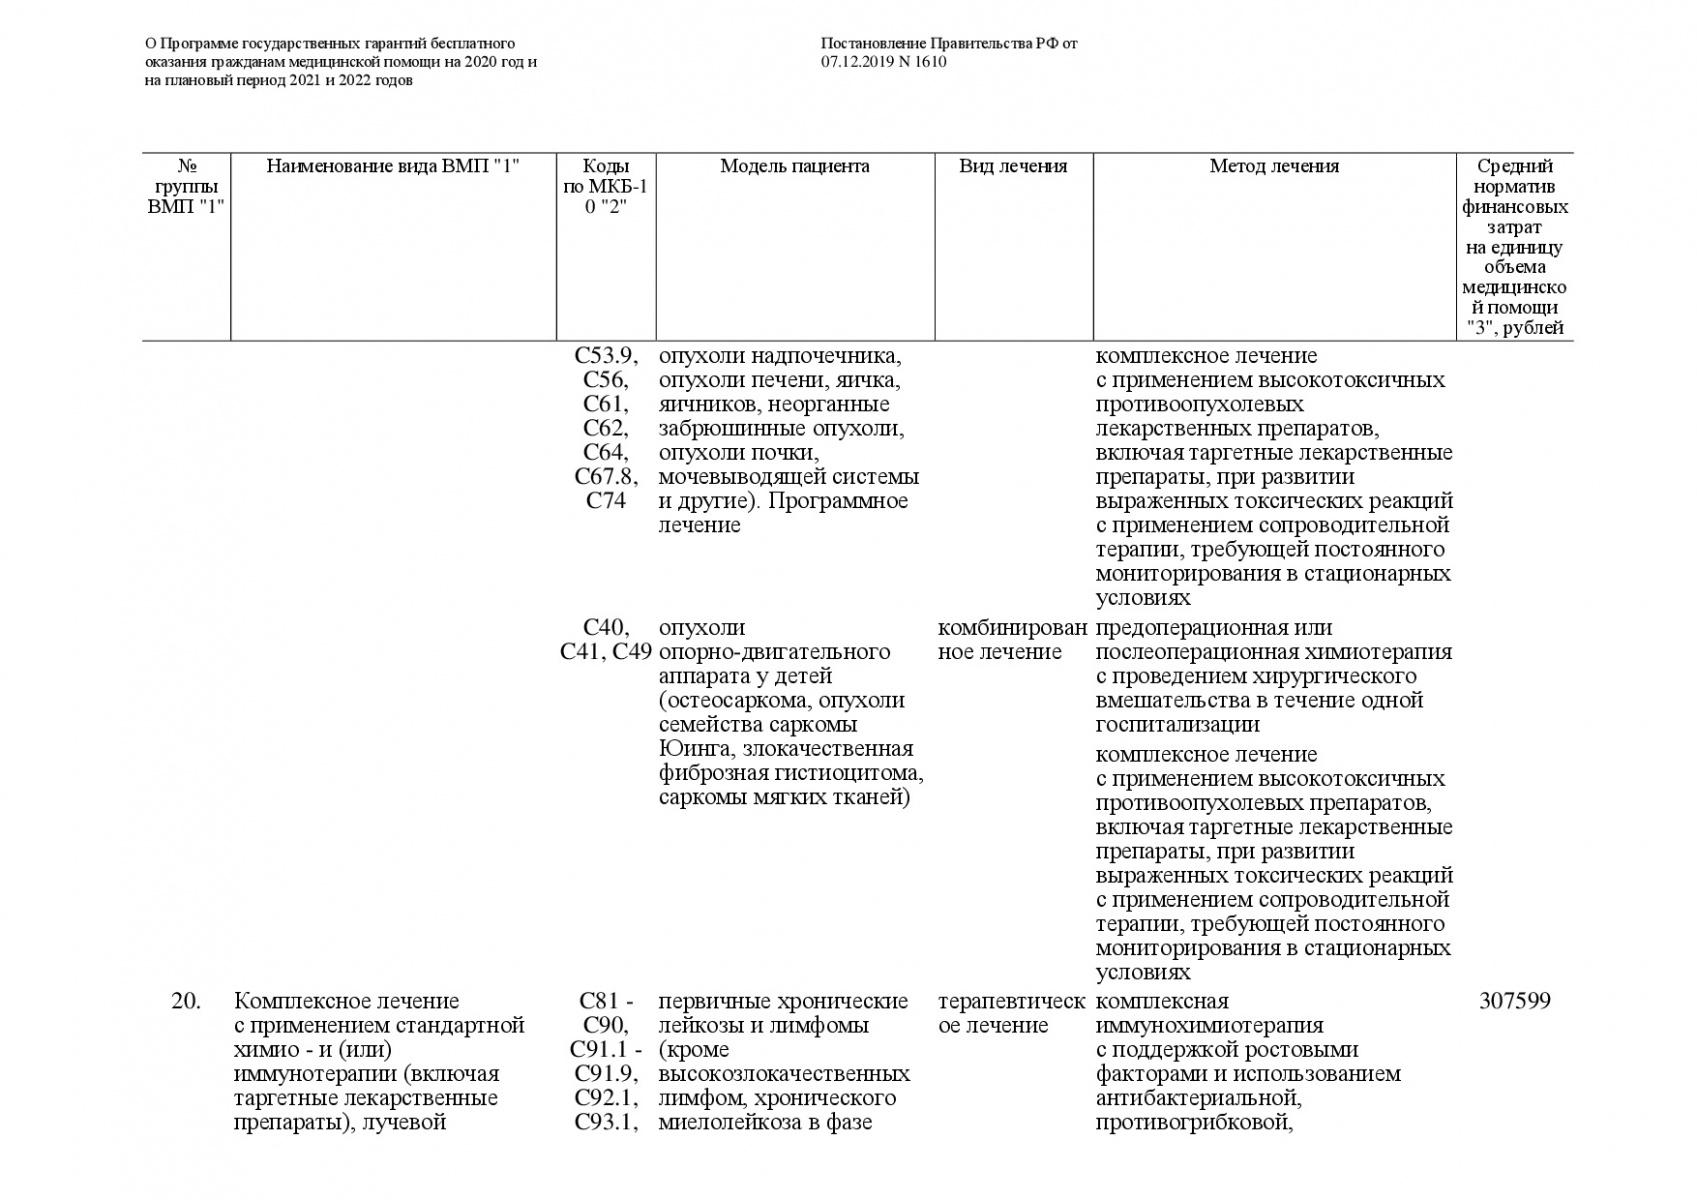 Postanovlenie-Pravitelstva-RF-ot-07_12_2019-1610-O-PGG-206